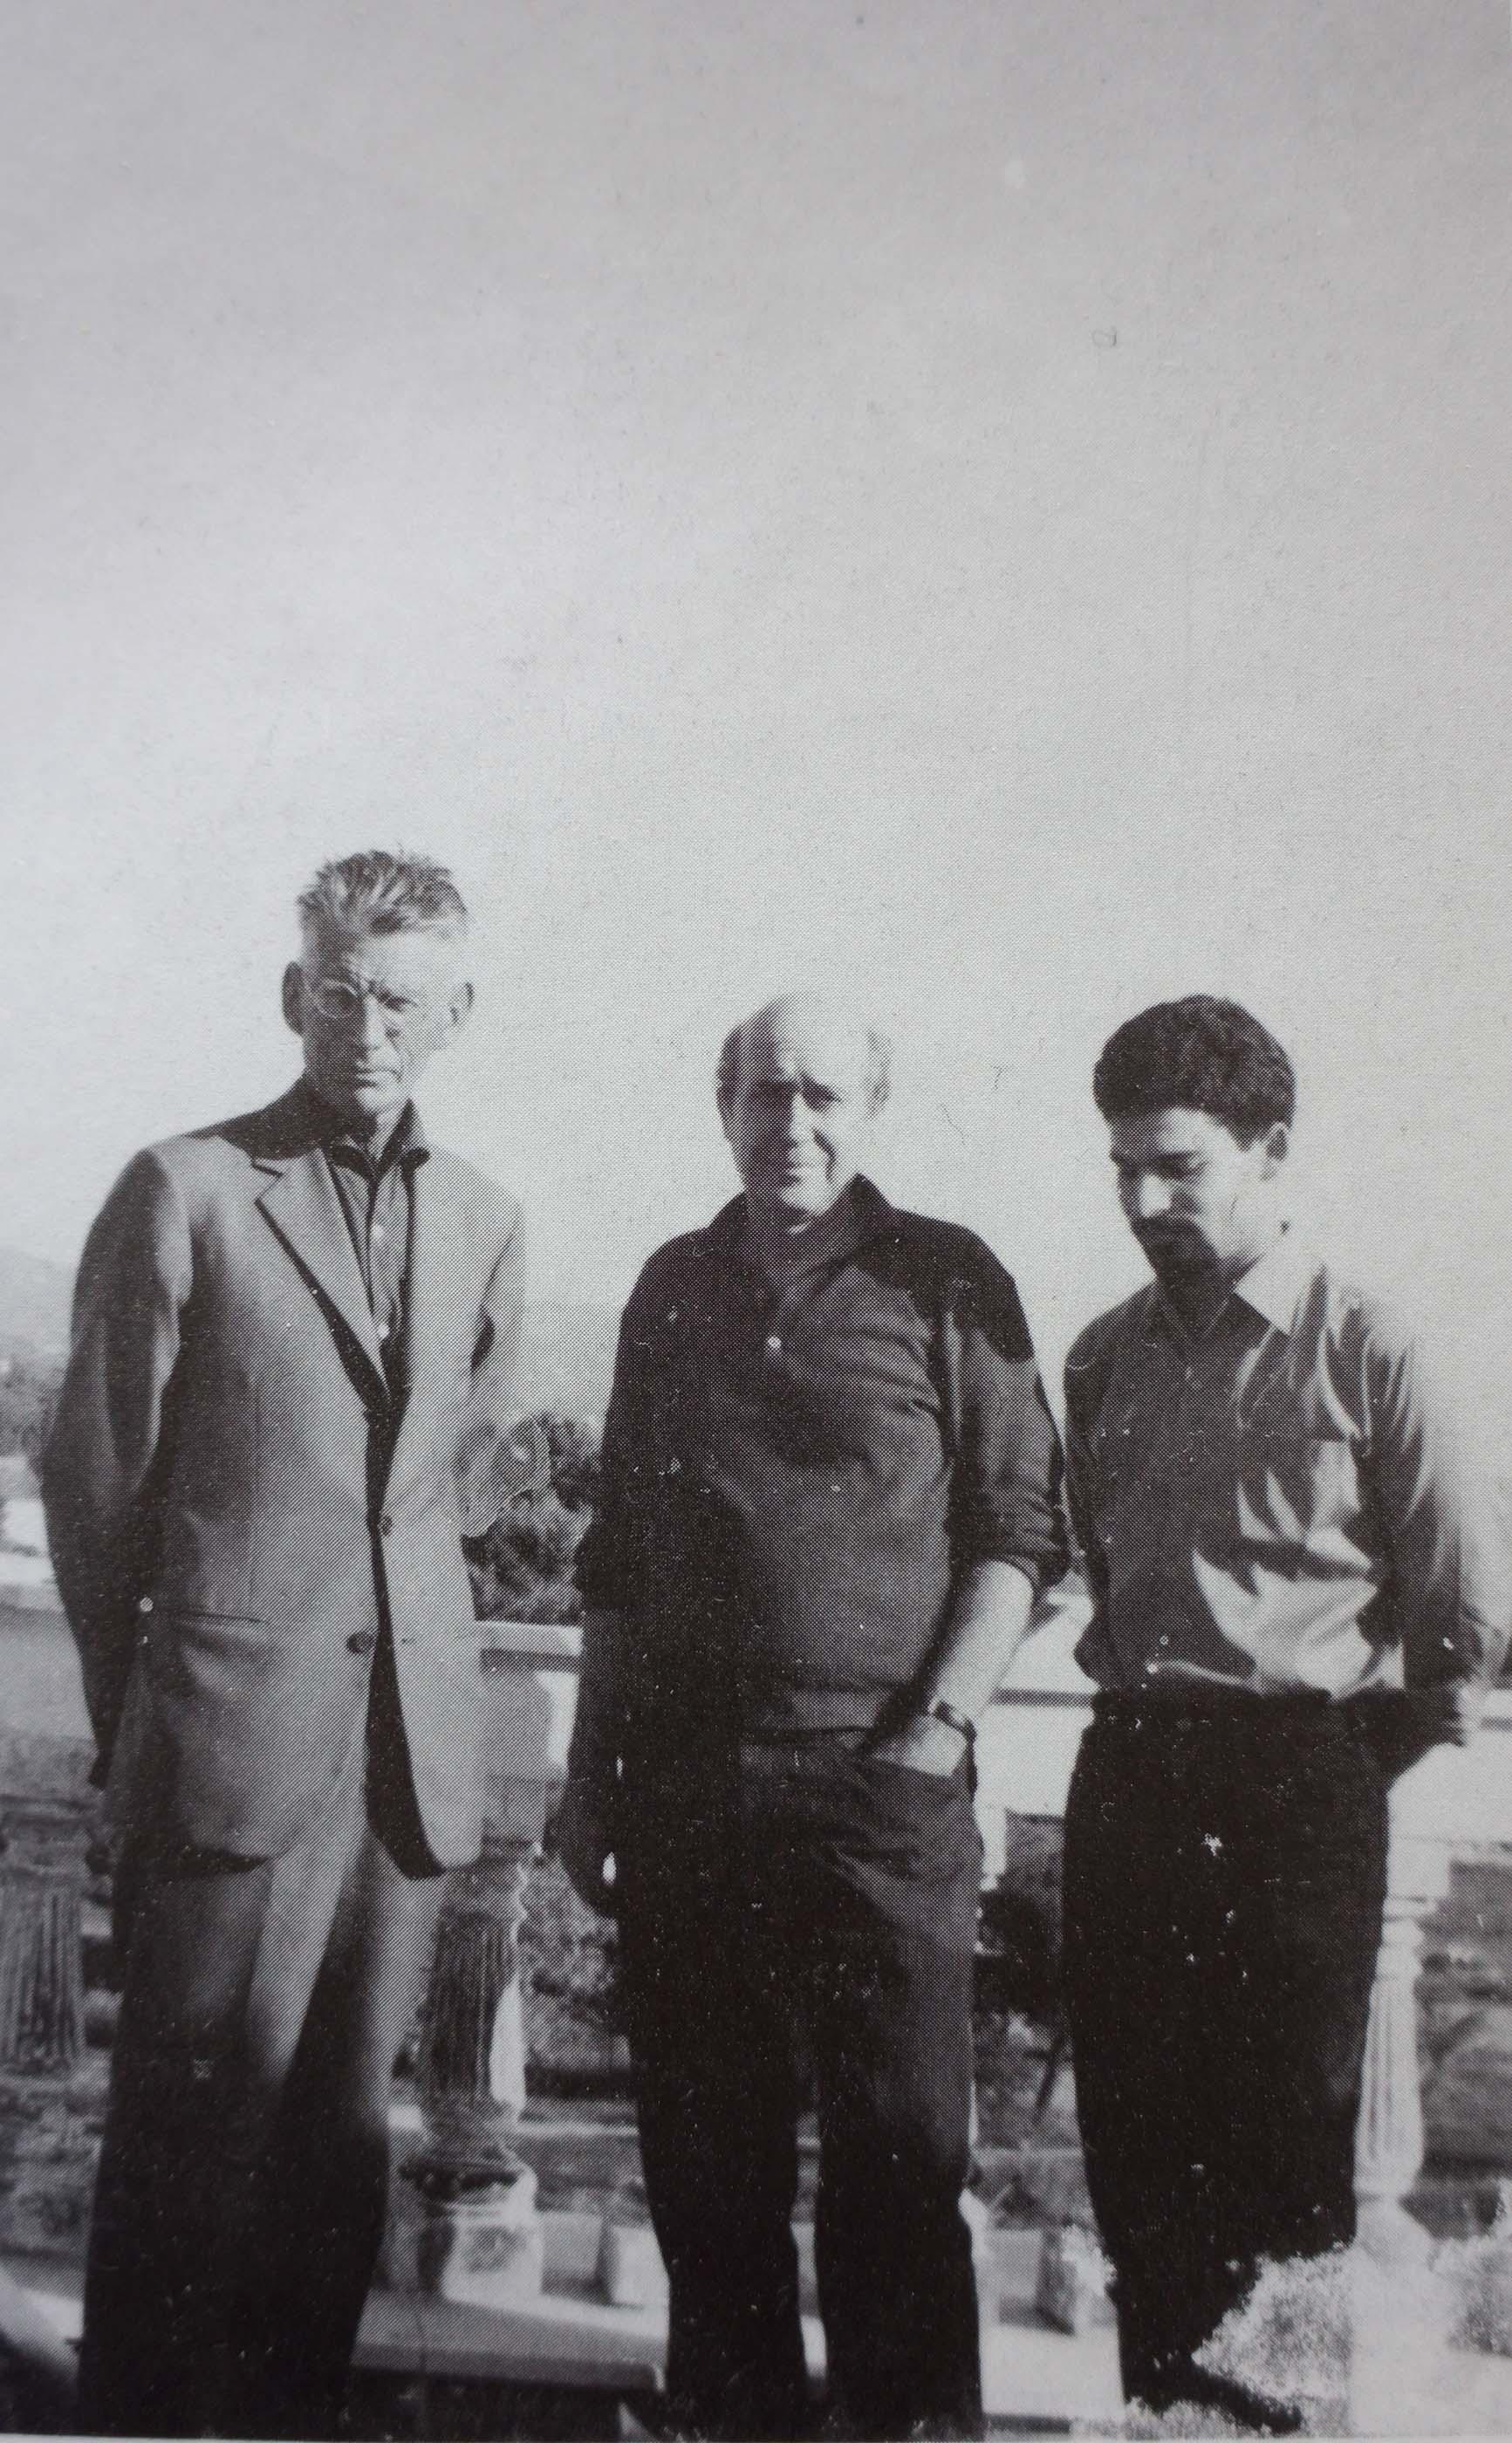 beckett, tsarouchis & tarlow on the roof of tsarouchis' house/studio in maroussi